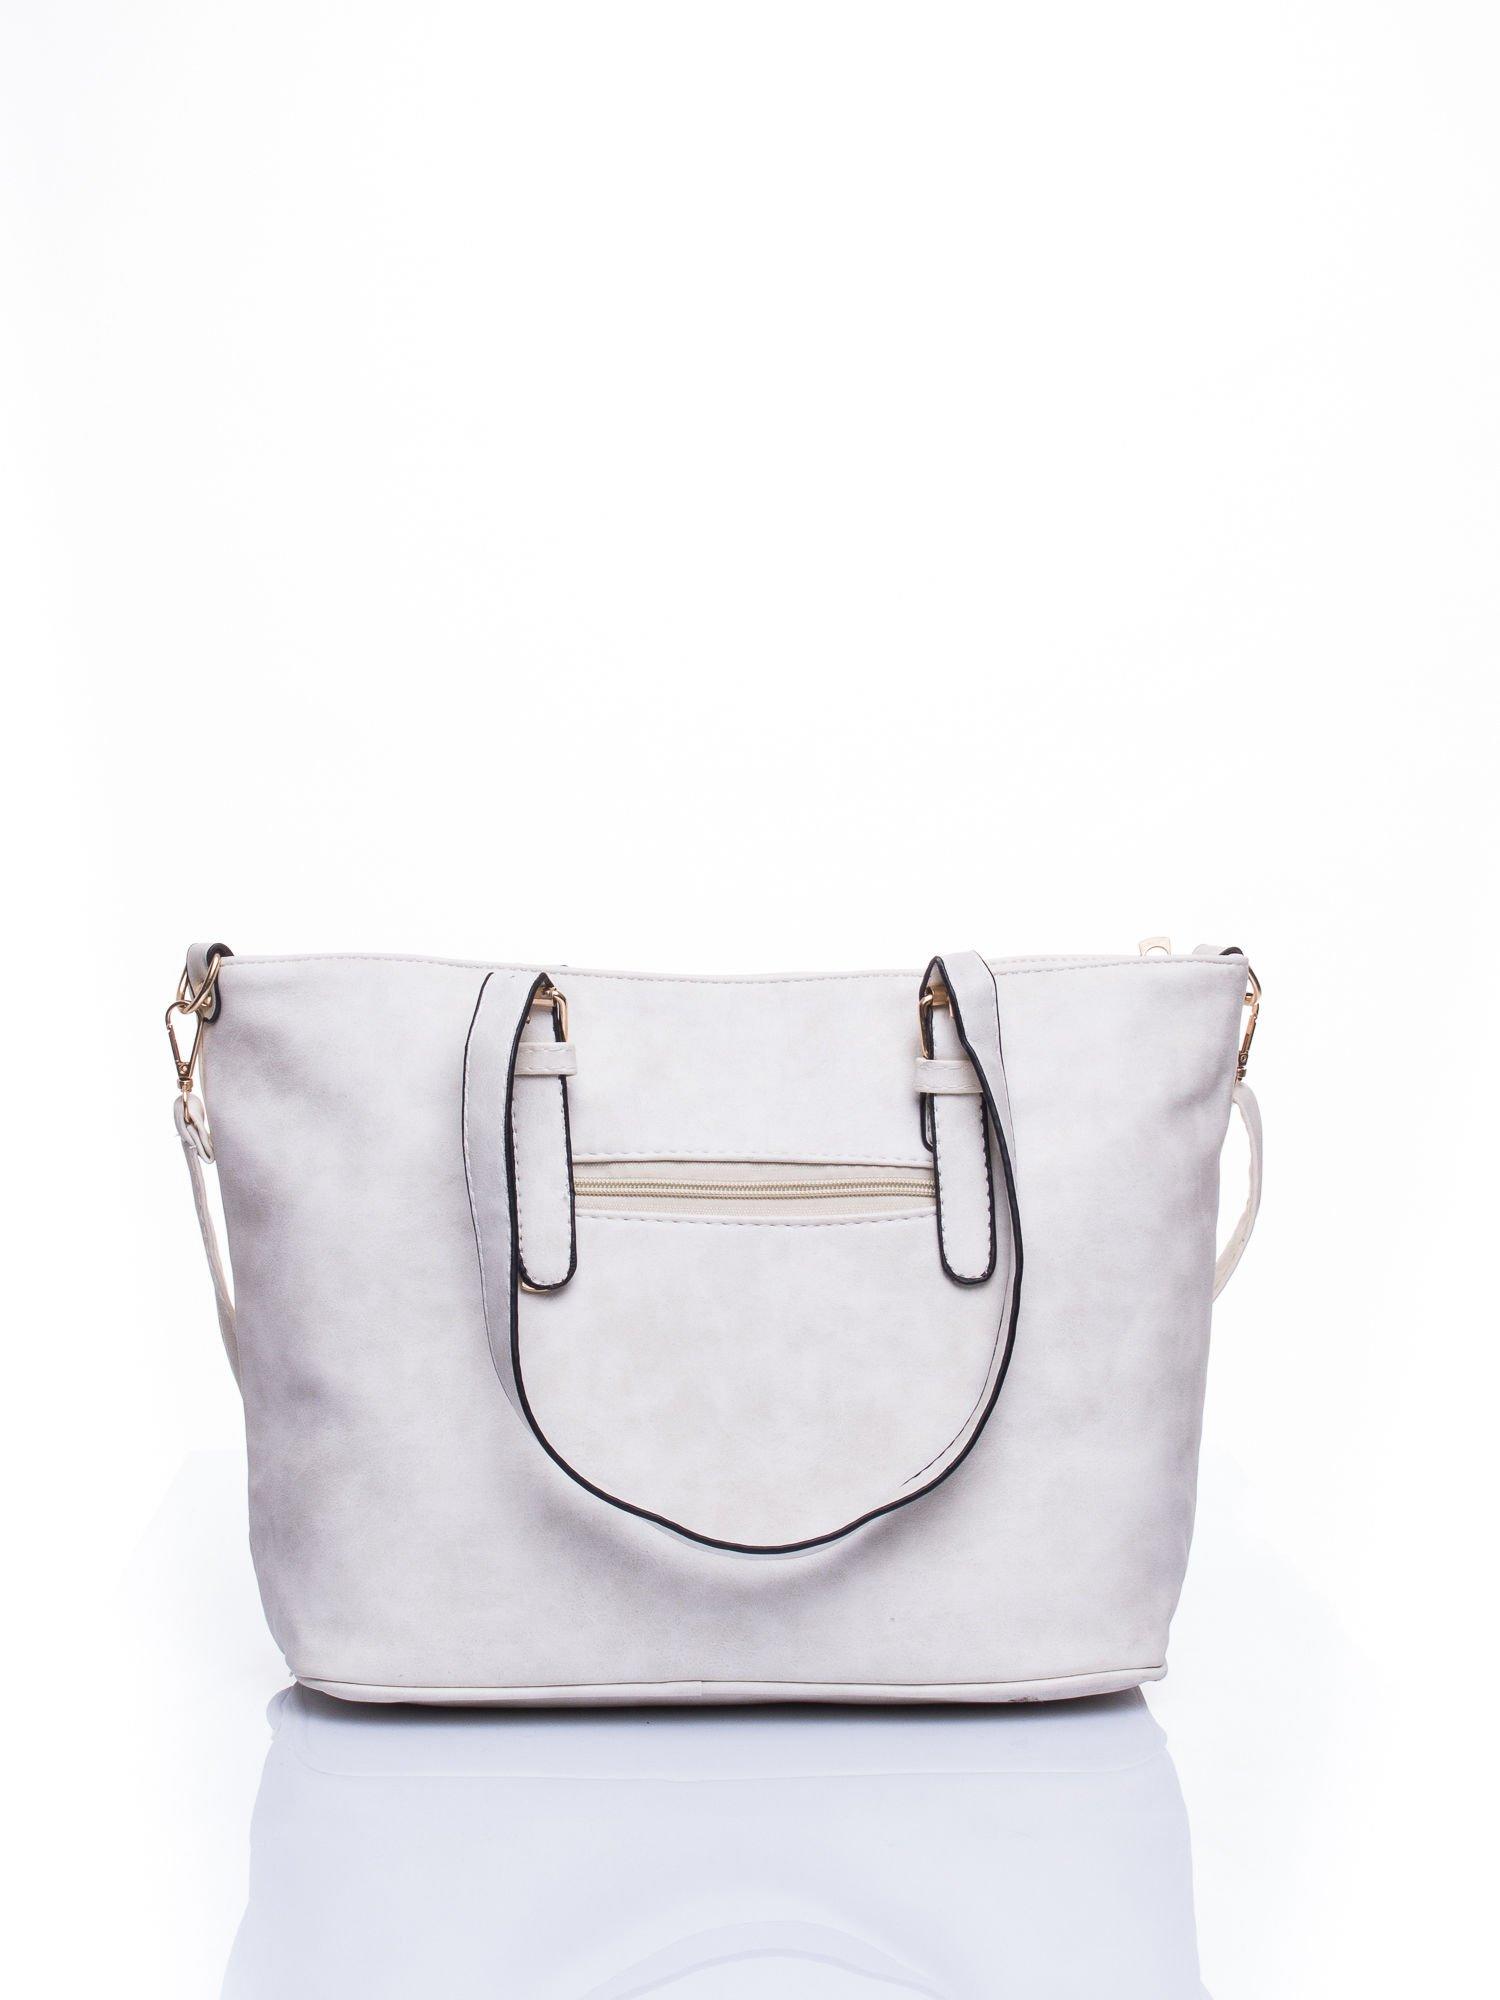 Ecru torba shopper bag z zawieszką                                  zdj.                                  2